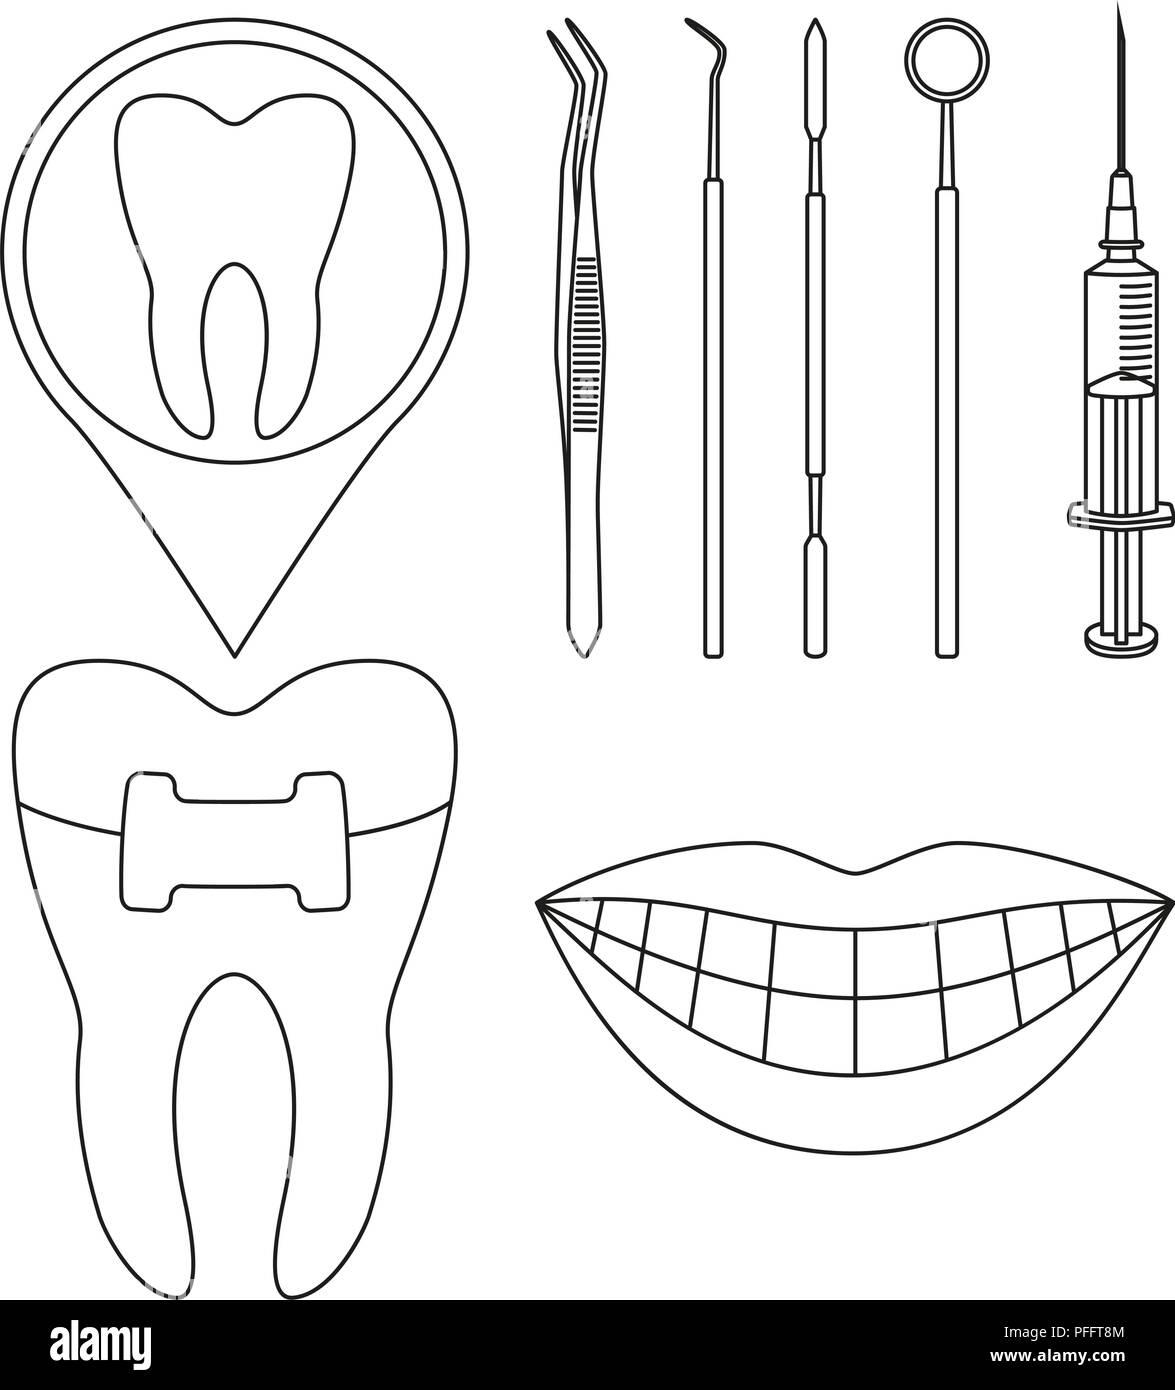 Line art black and white dental check set - Stock Vector